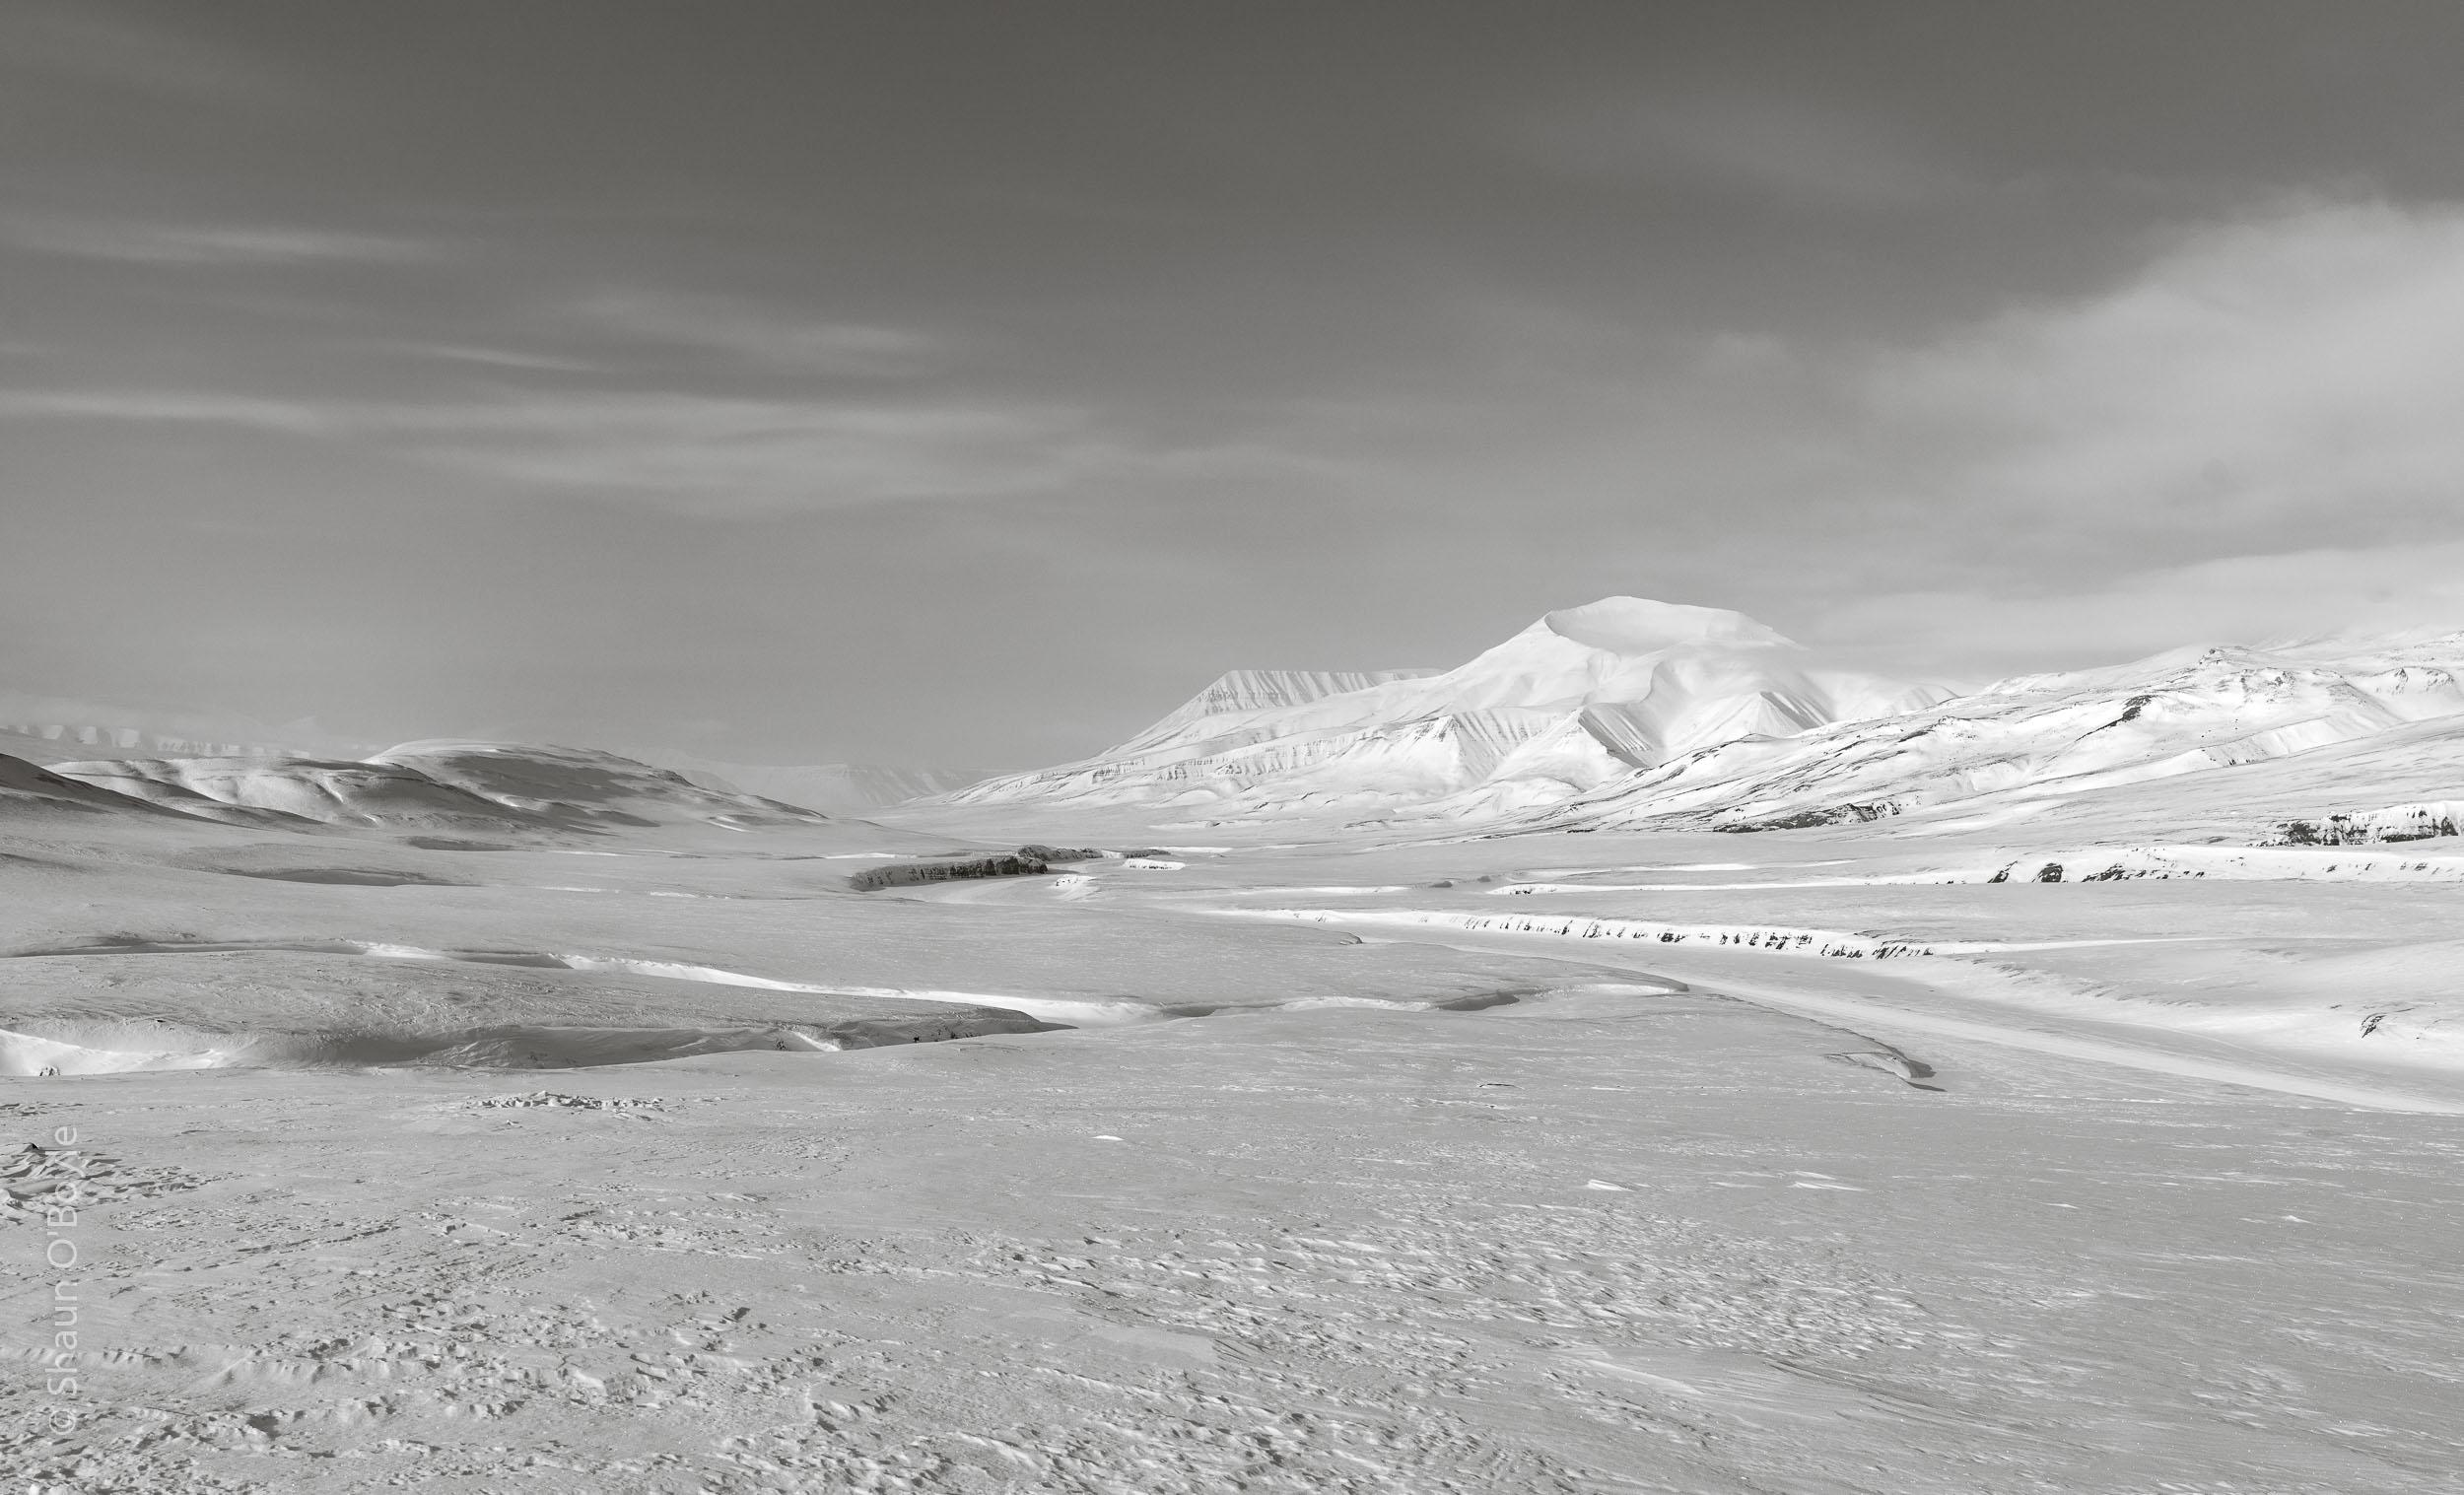 Frozen River, Adcventdalen